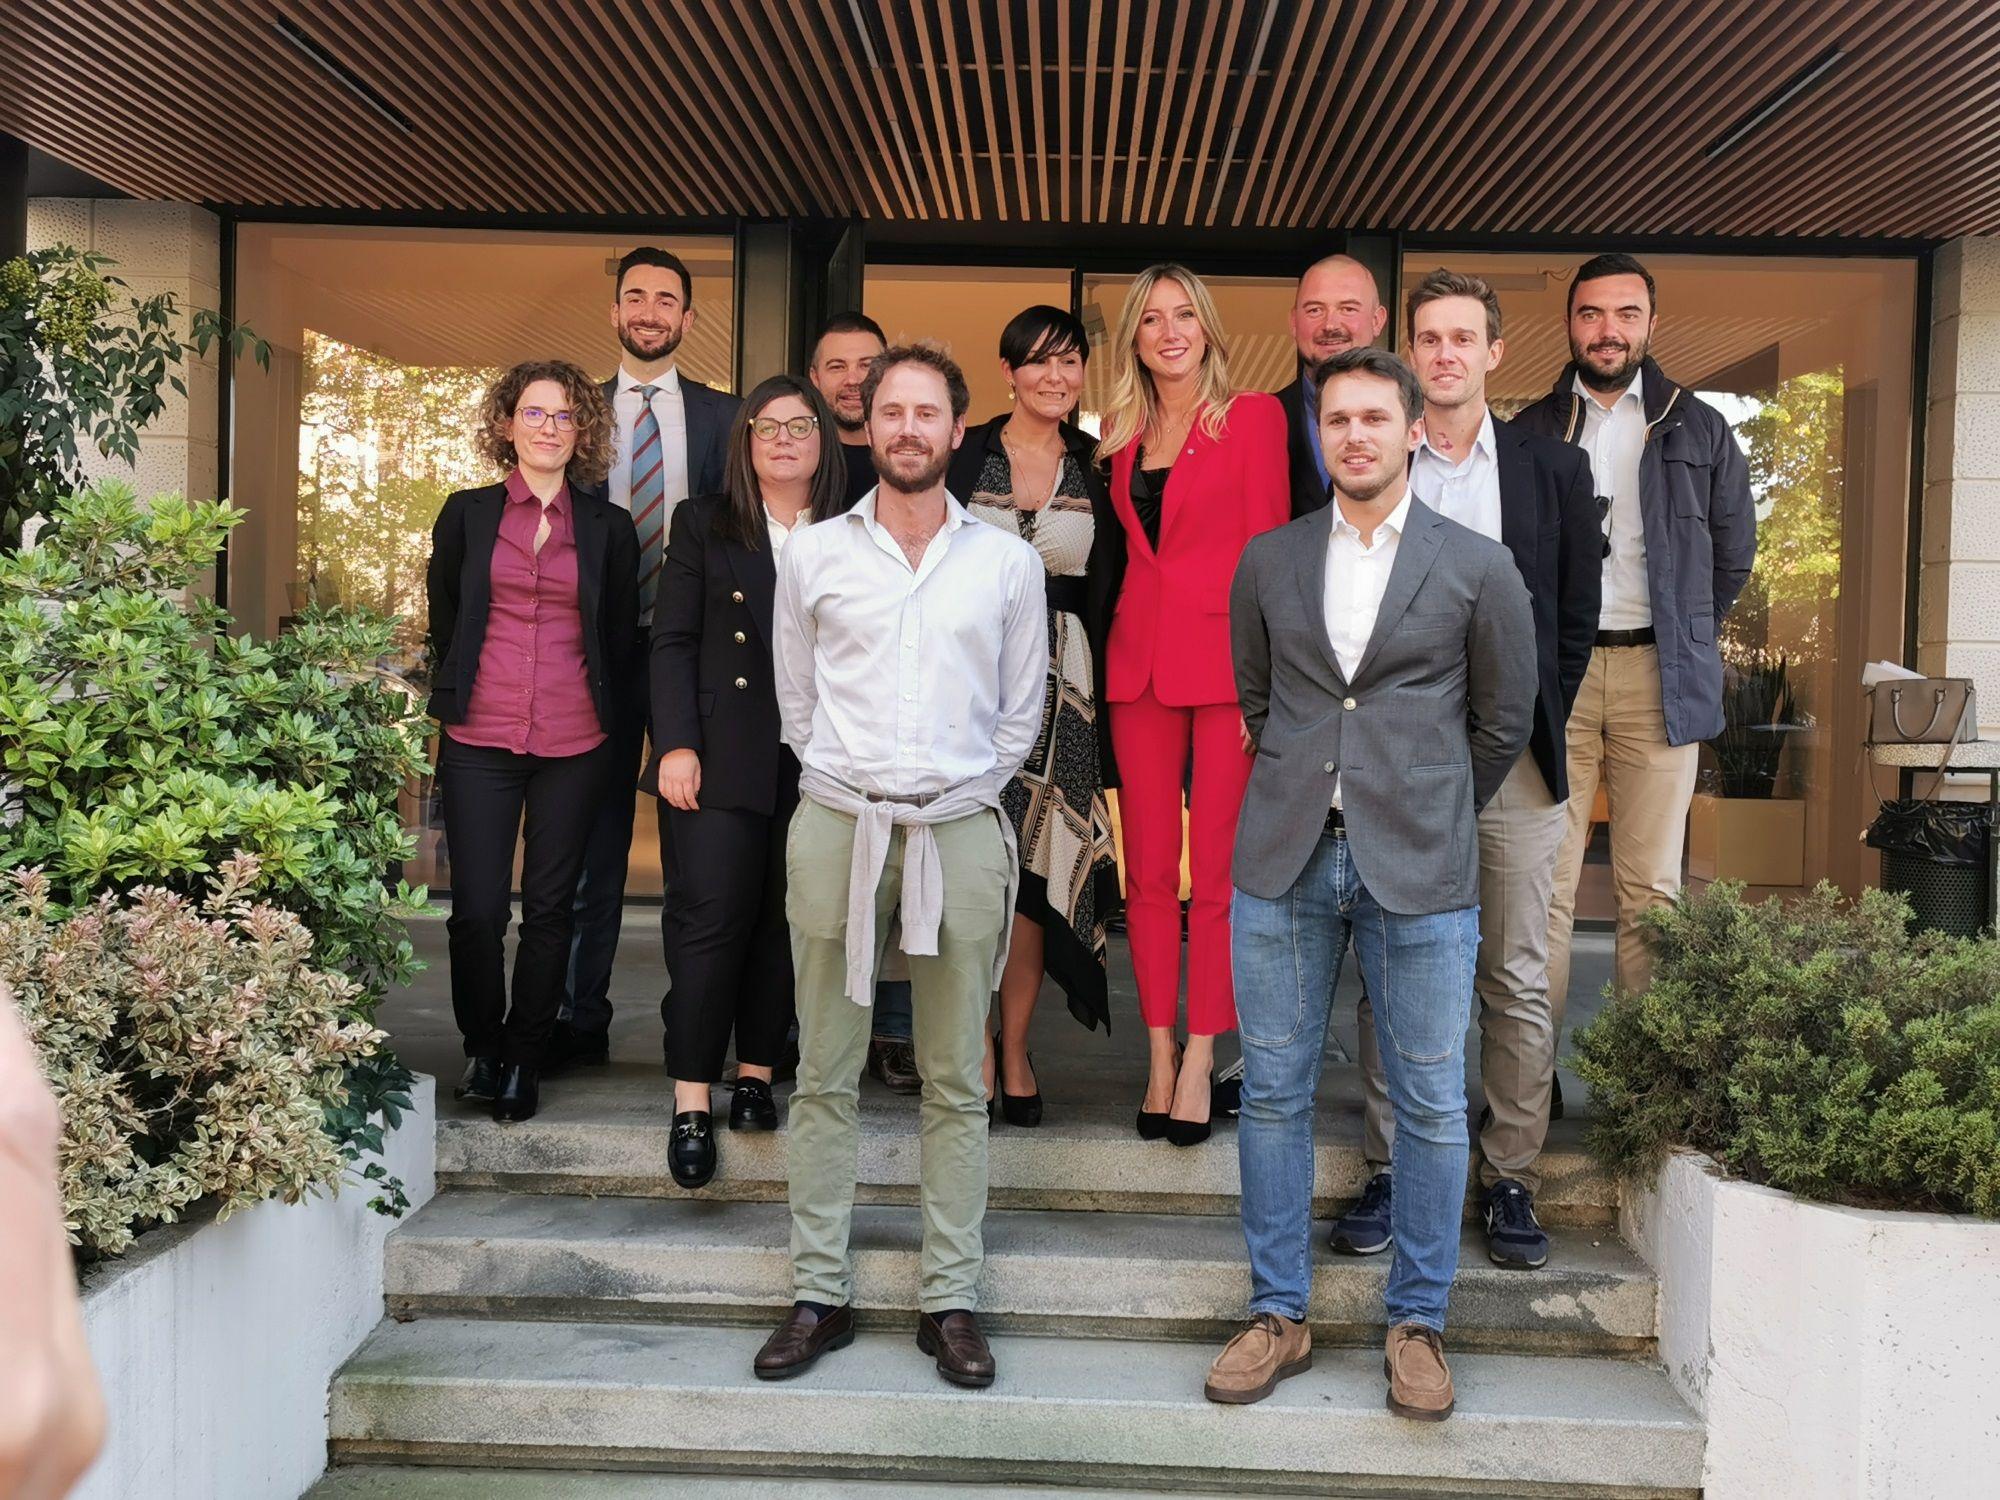 IVREA - Ambra Michela di Cuceglio è la nuova presidente del Gruppo Giovani Imprenditori - FOTO